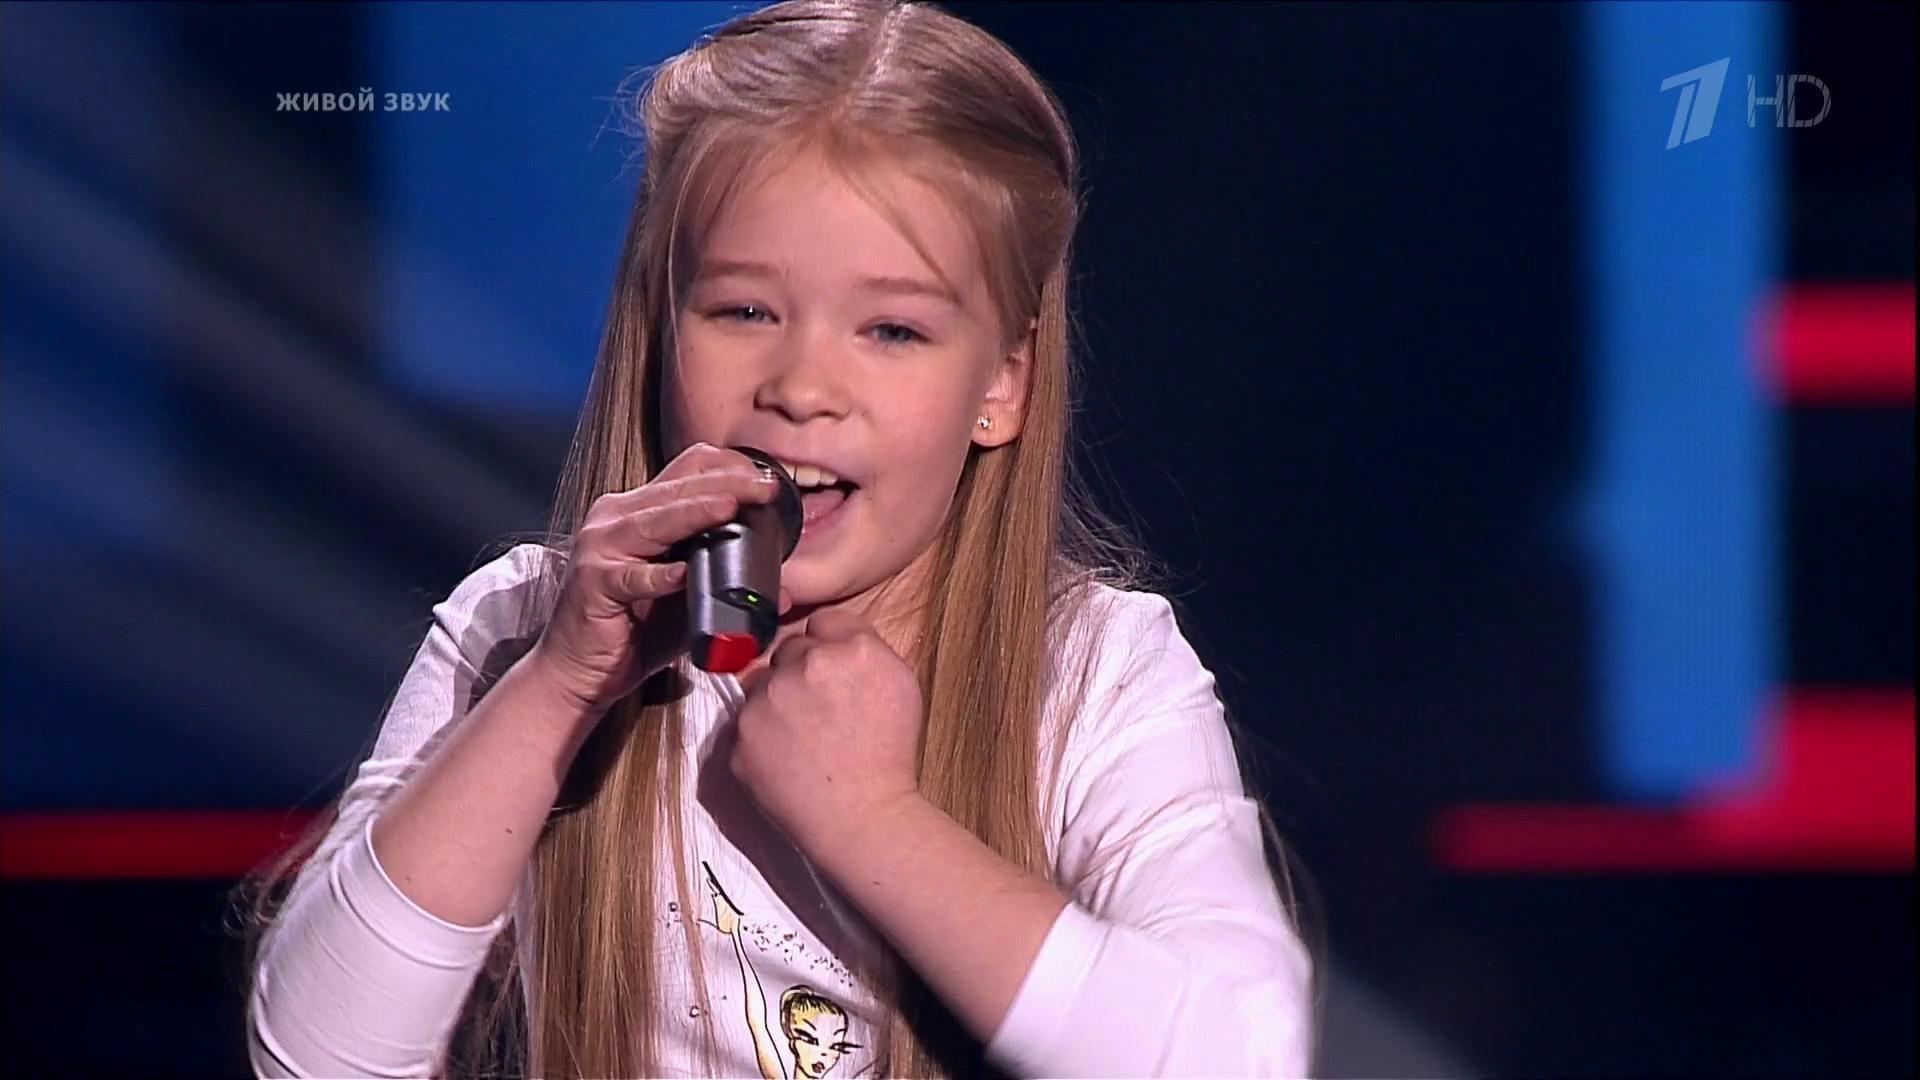 Конкурс голос дети в россии